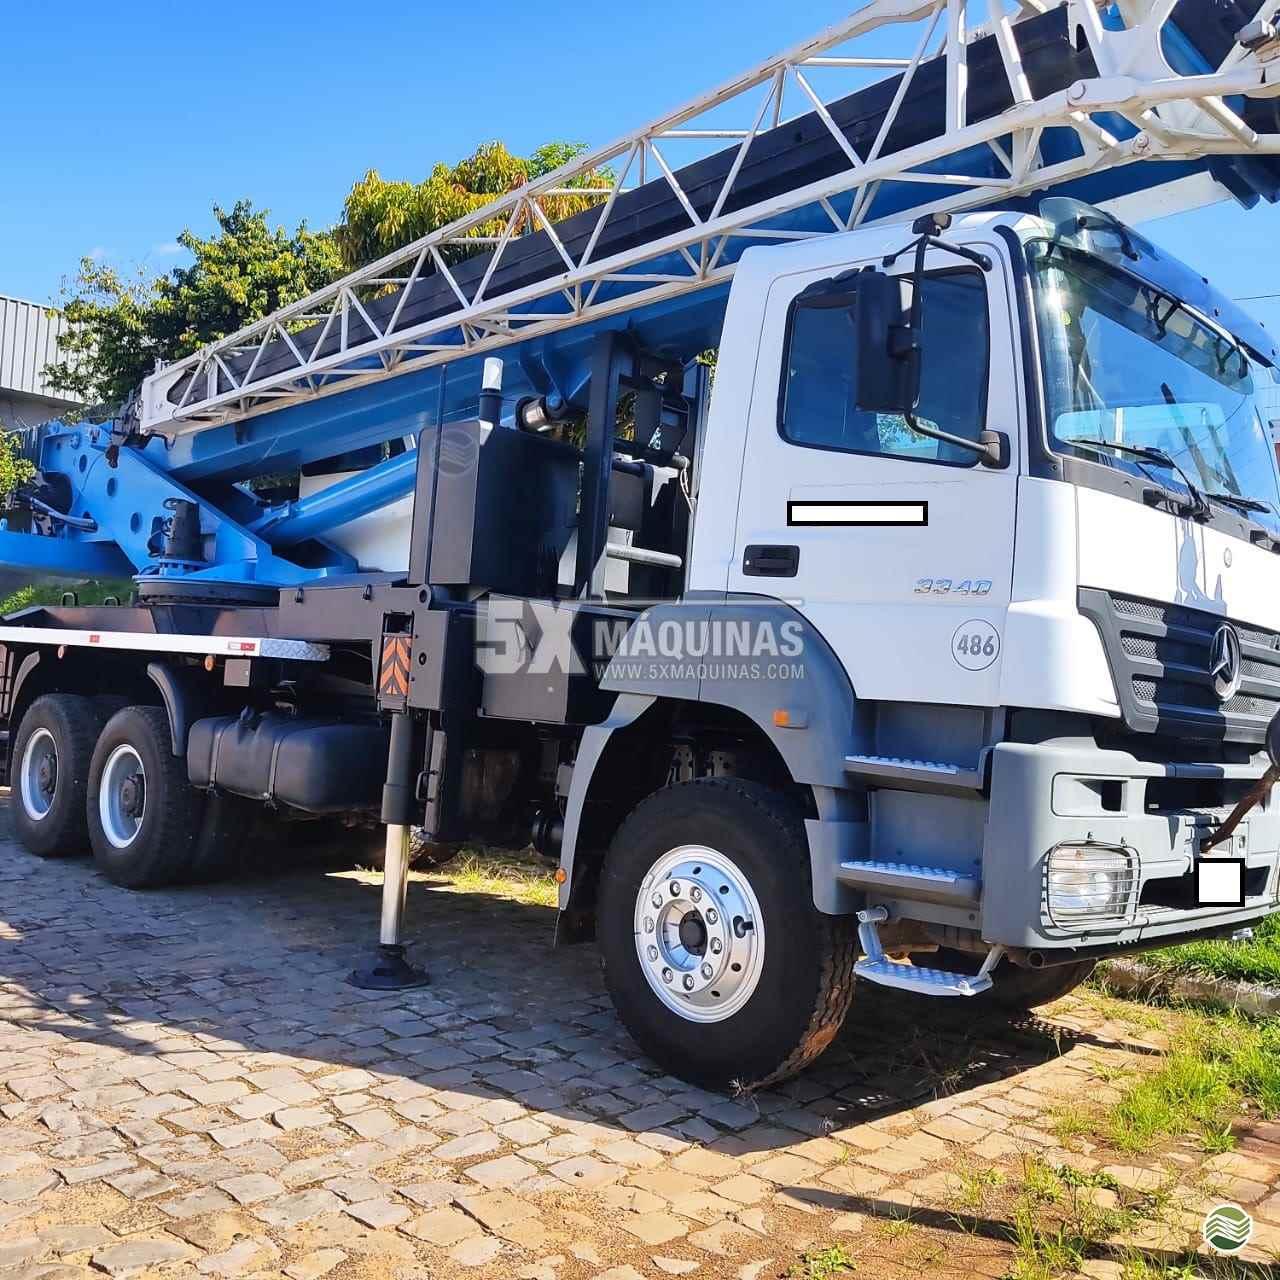 GUINDASTE TKA TKA 40.700 5X Máquinas  CAMPO GRANDE MATO GROSSO DO SUL MS